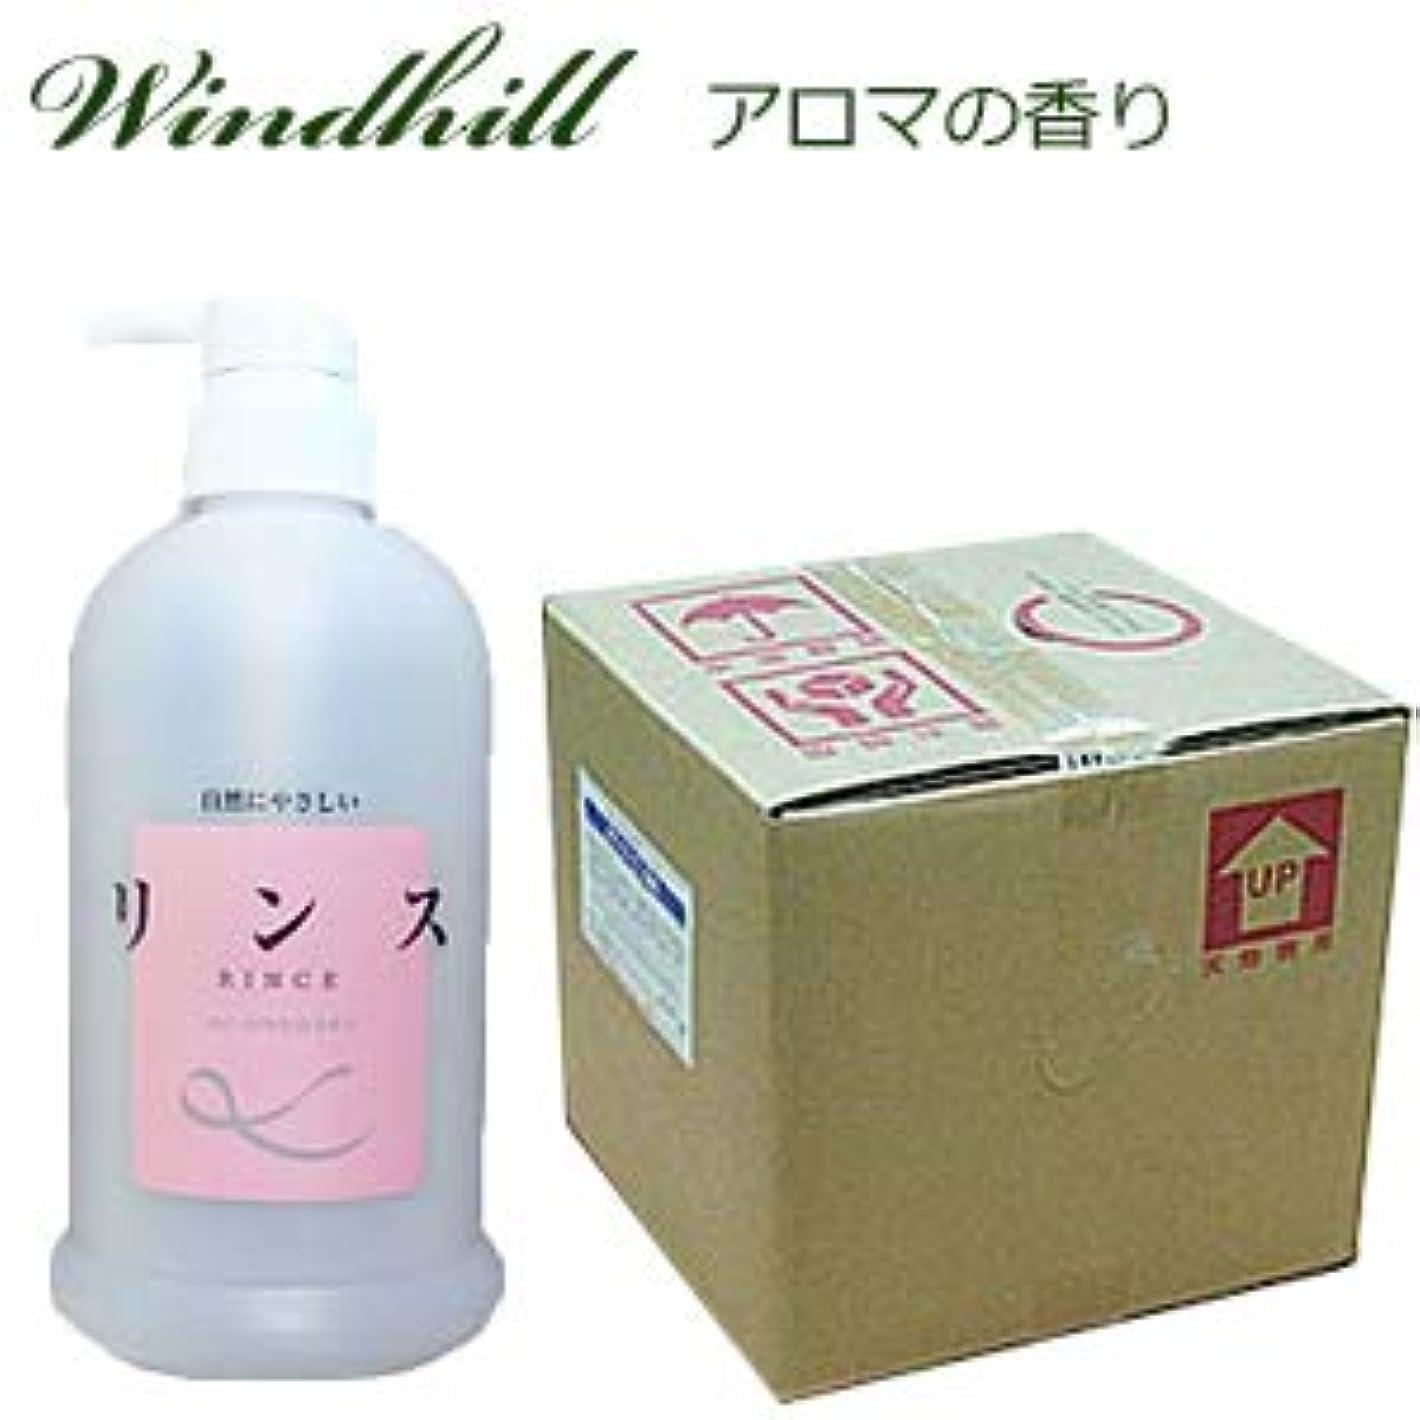 鉛筆二度異常なんと! 500ml当り188円 Windhill 植物性業務用 リンス 紅茶を思うアロマの香り 20L